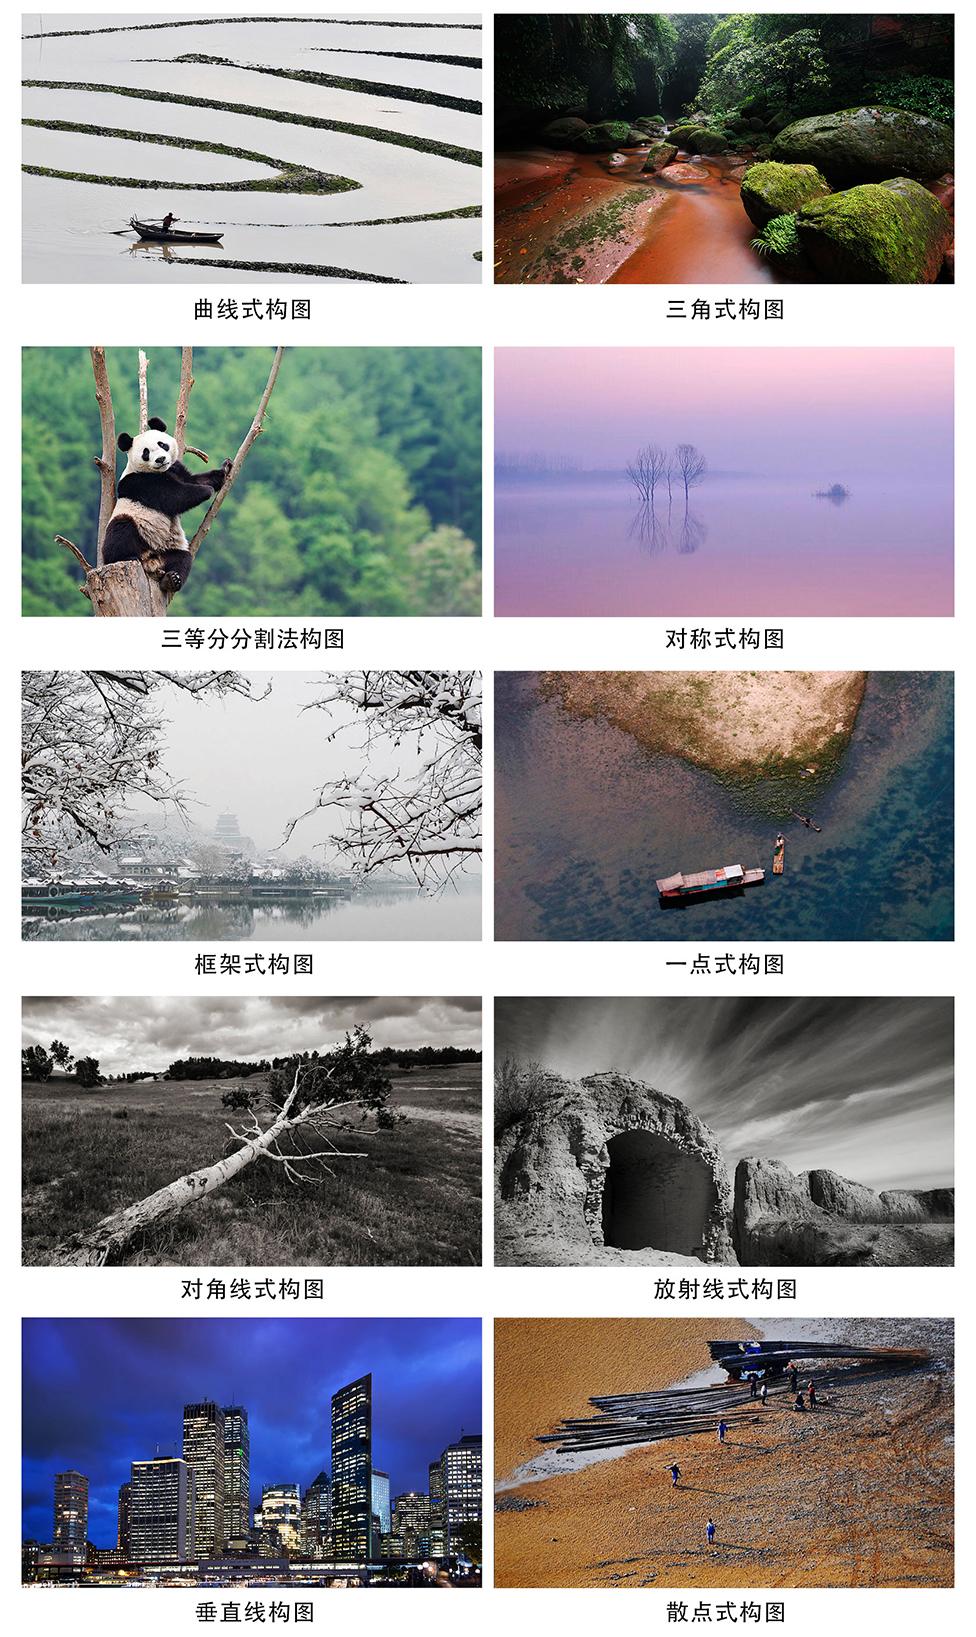 风光摄影基础:常用构图手法